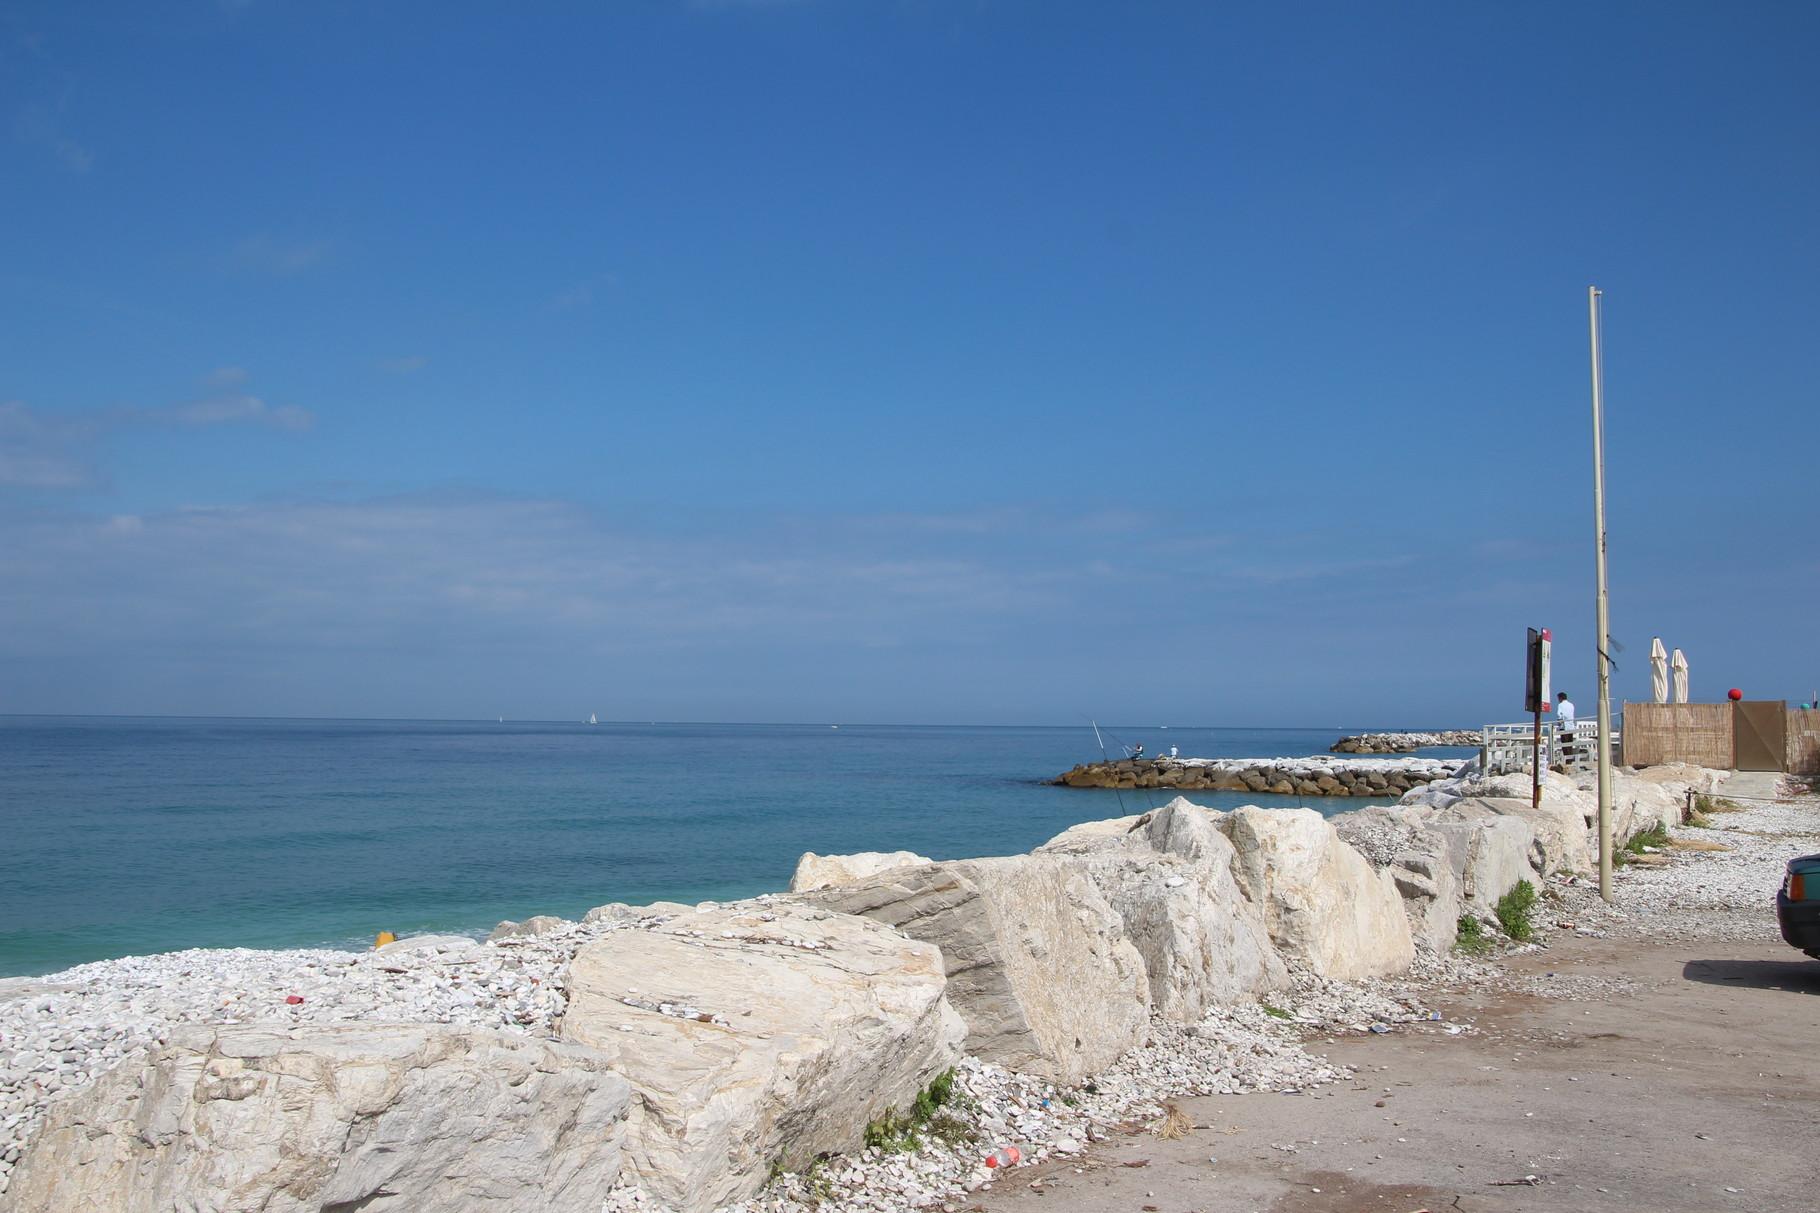 Strand kurz vor Pisa